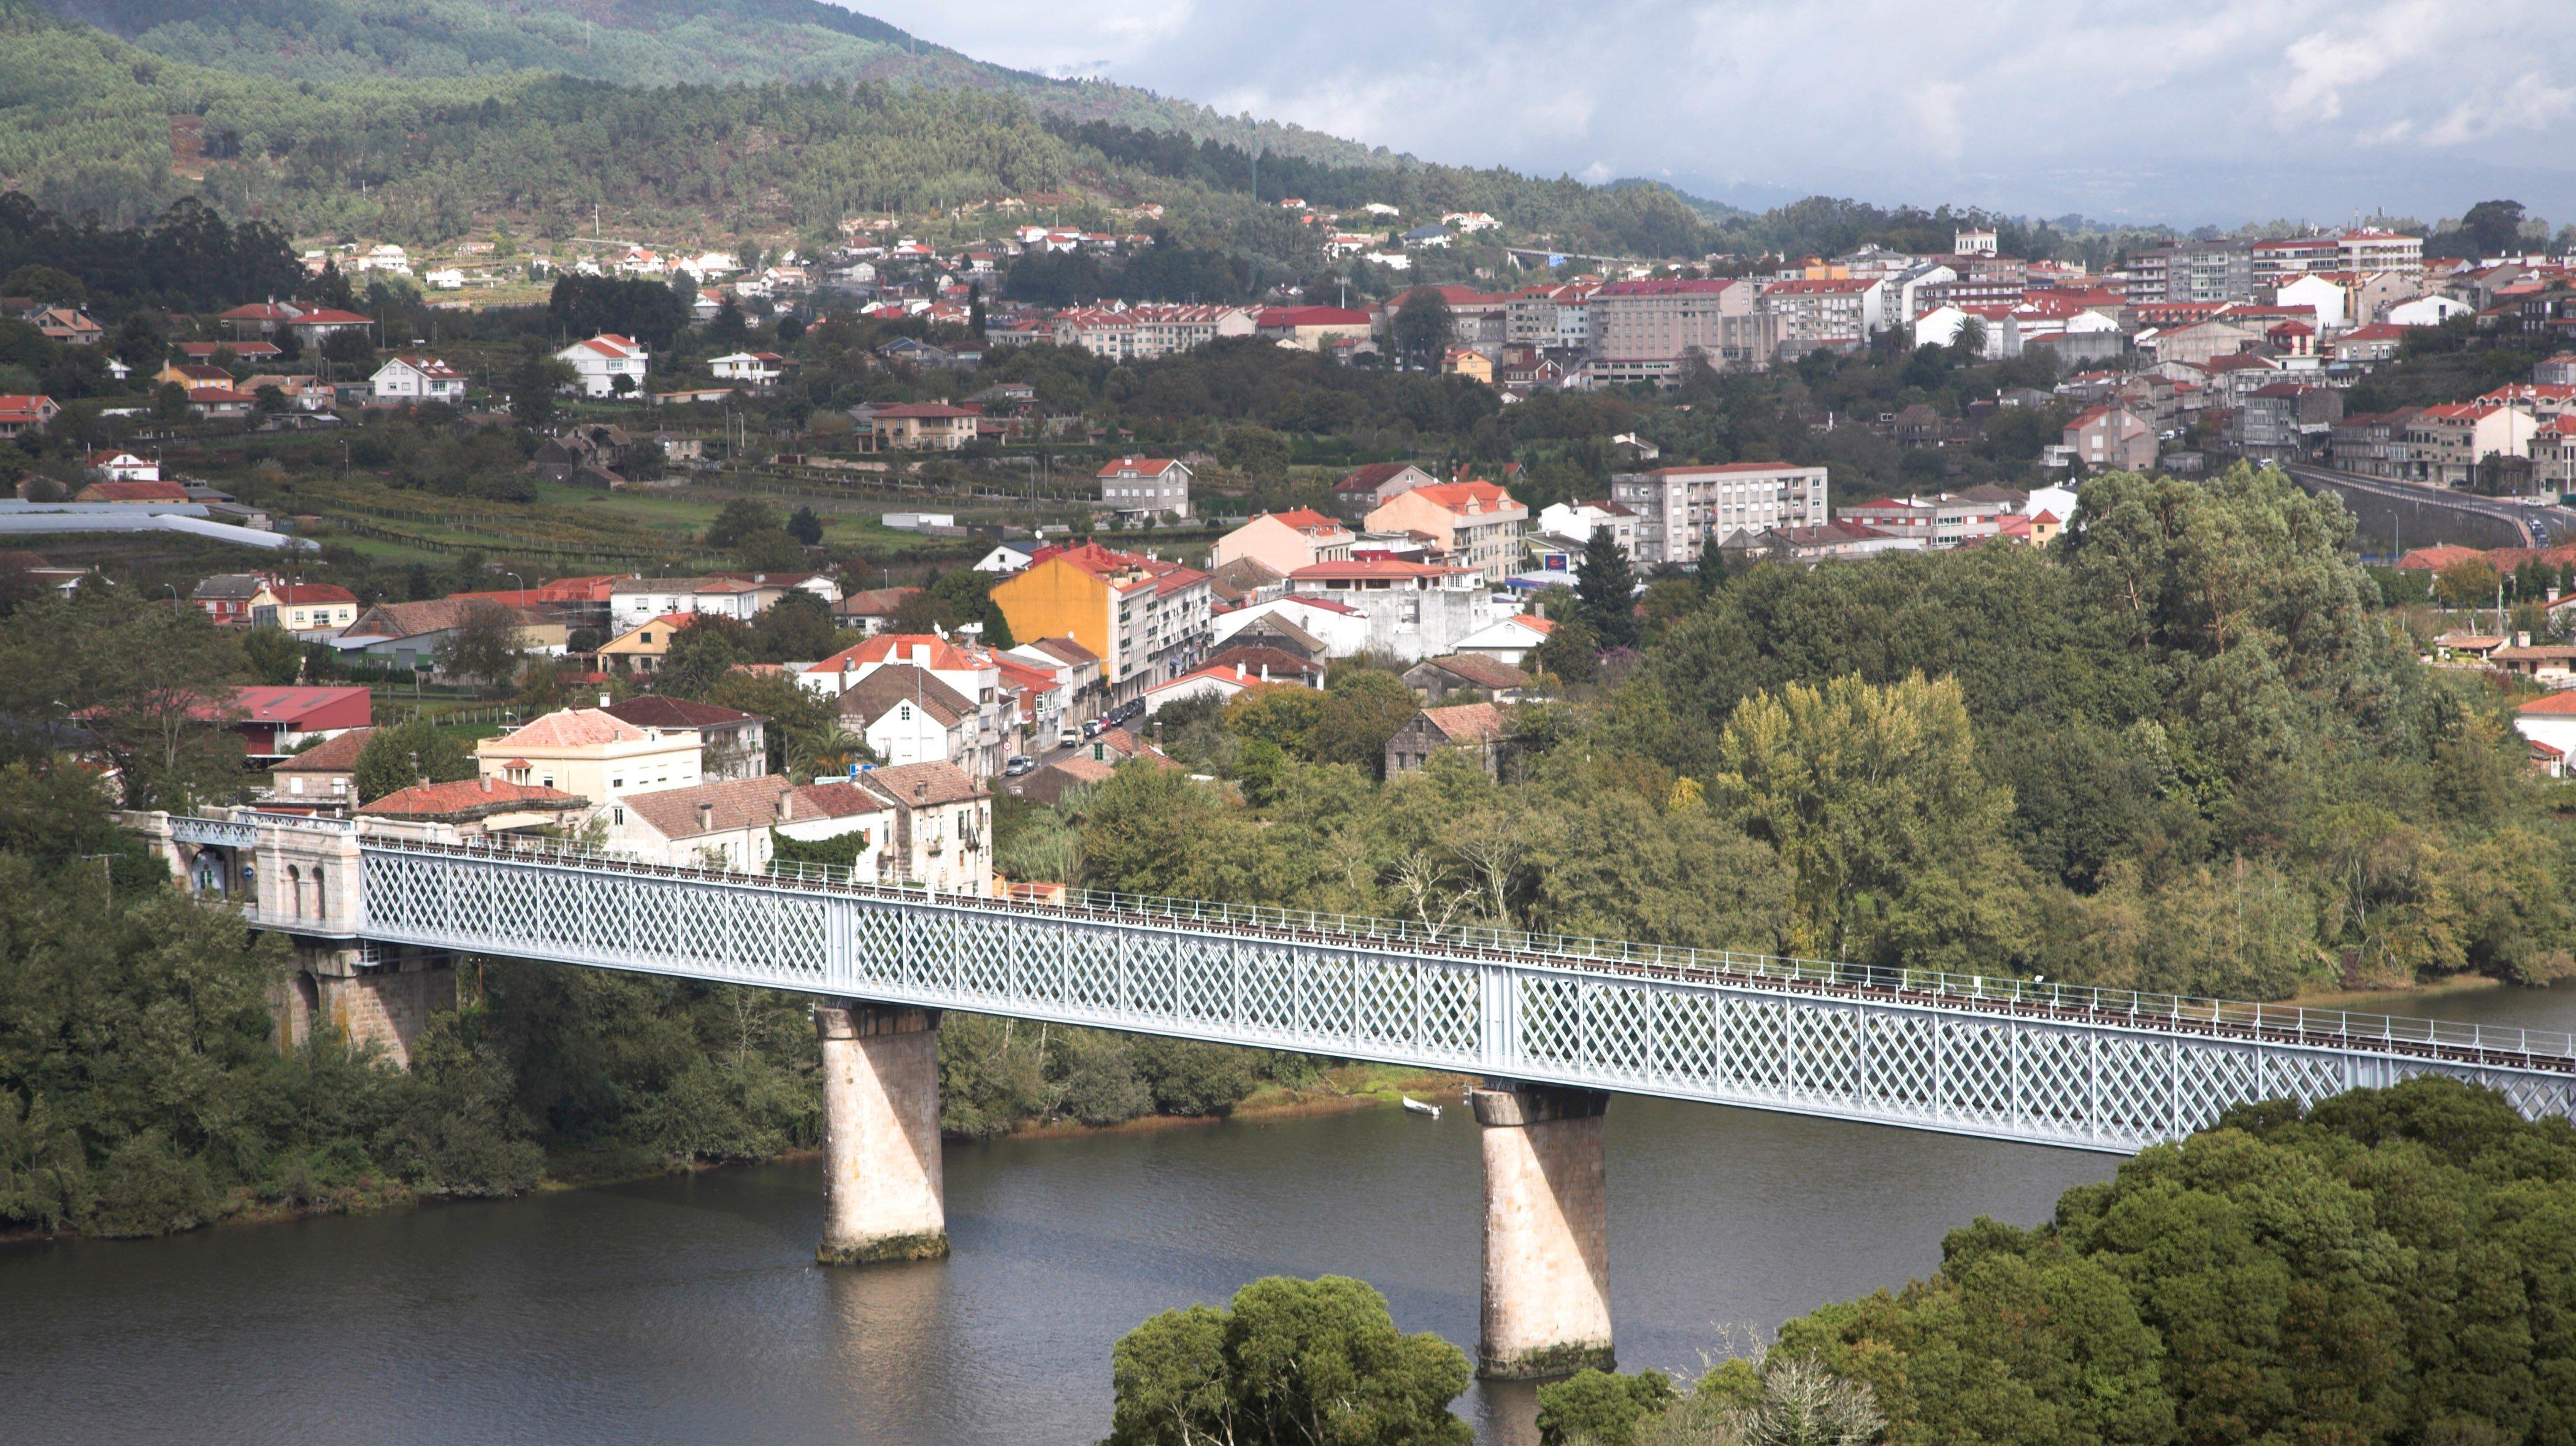 River Minho, Tui, Spain from Valenca do Minho, Portugal